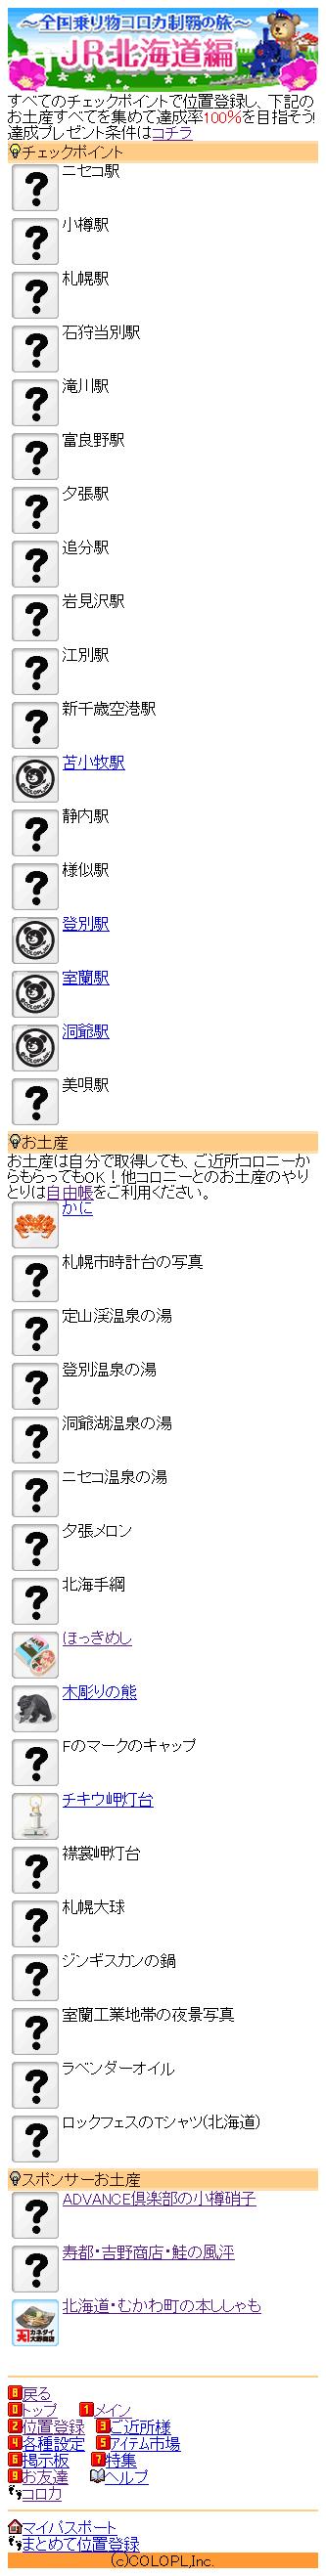 コロプラ:乗り物コロカ:JR北海道(道央) 達成率:23%